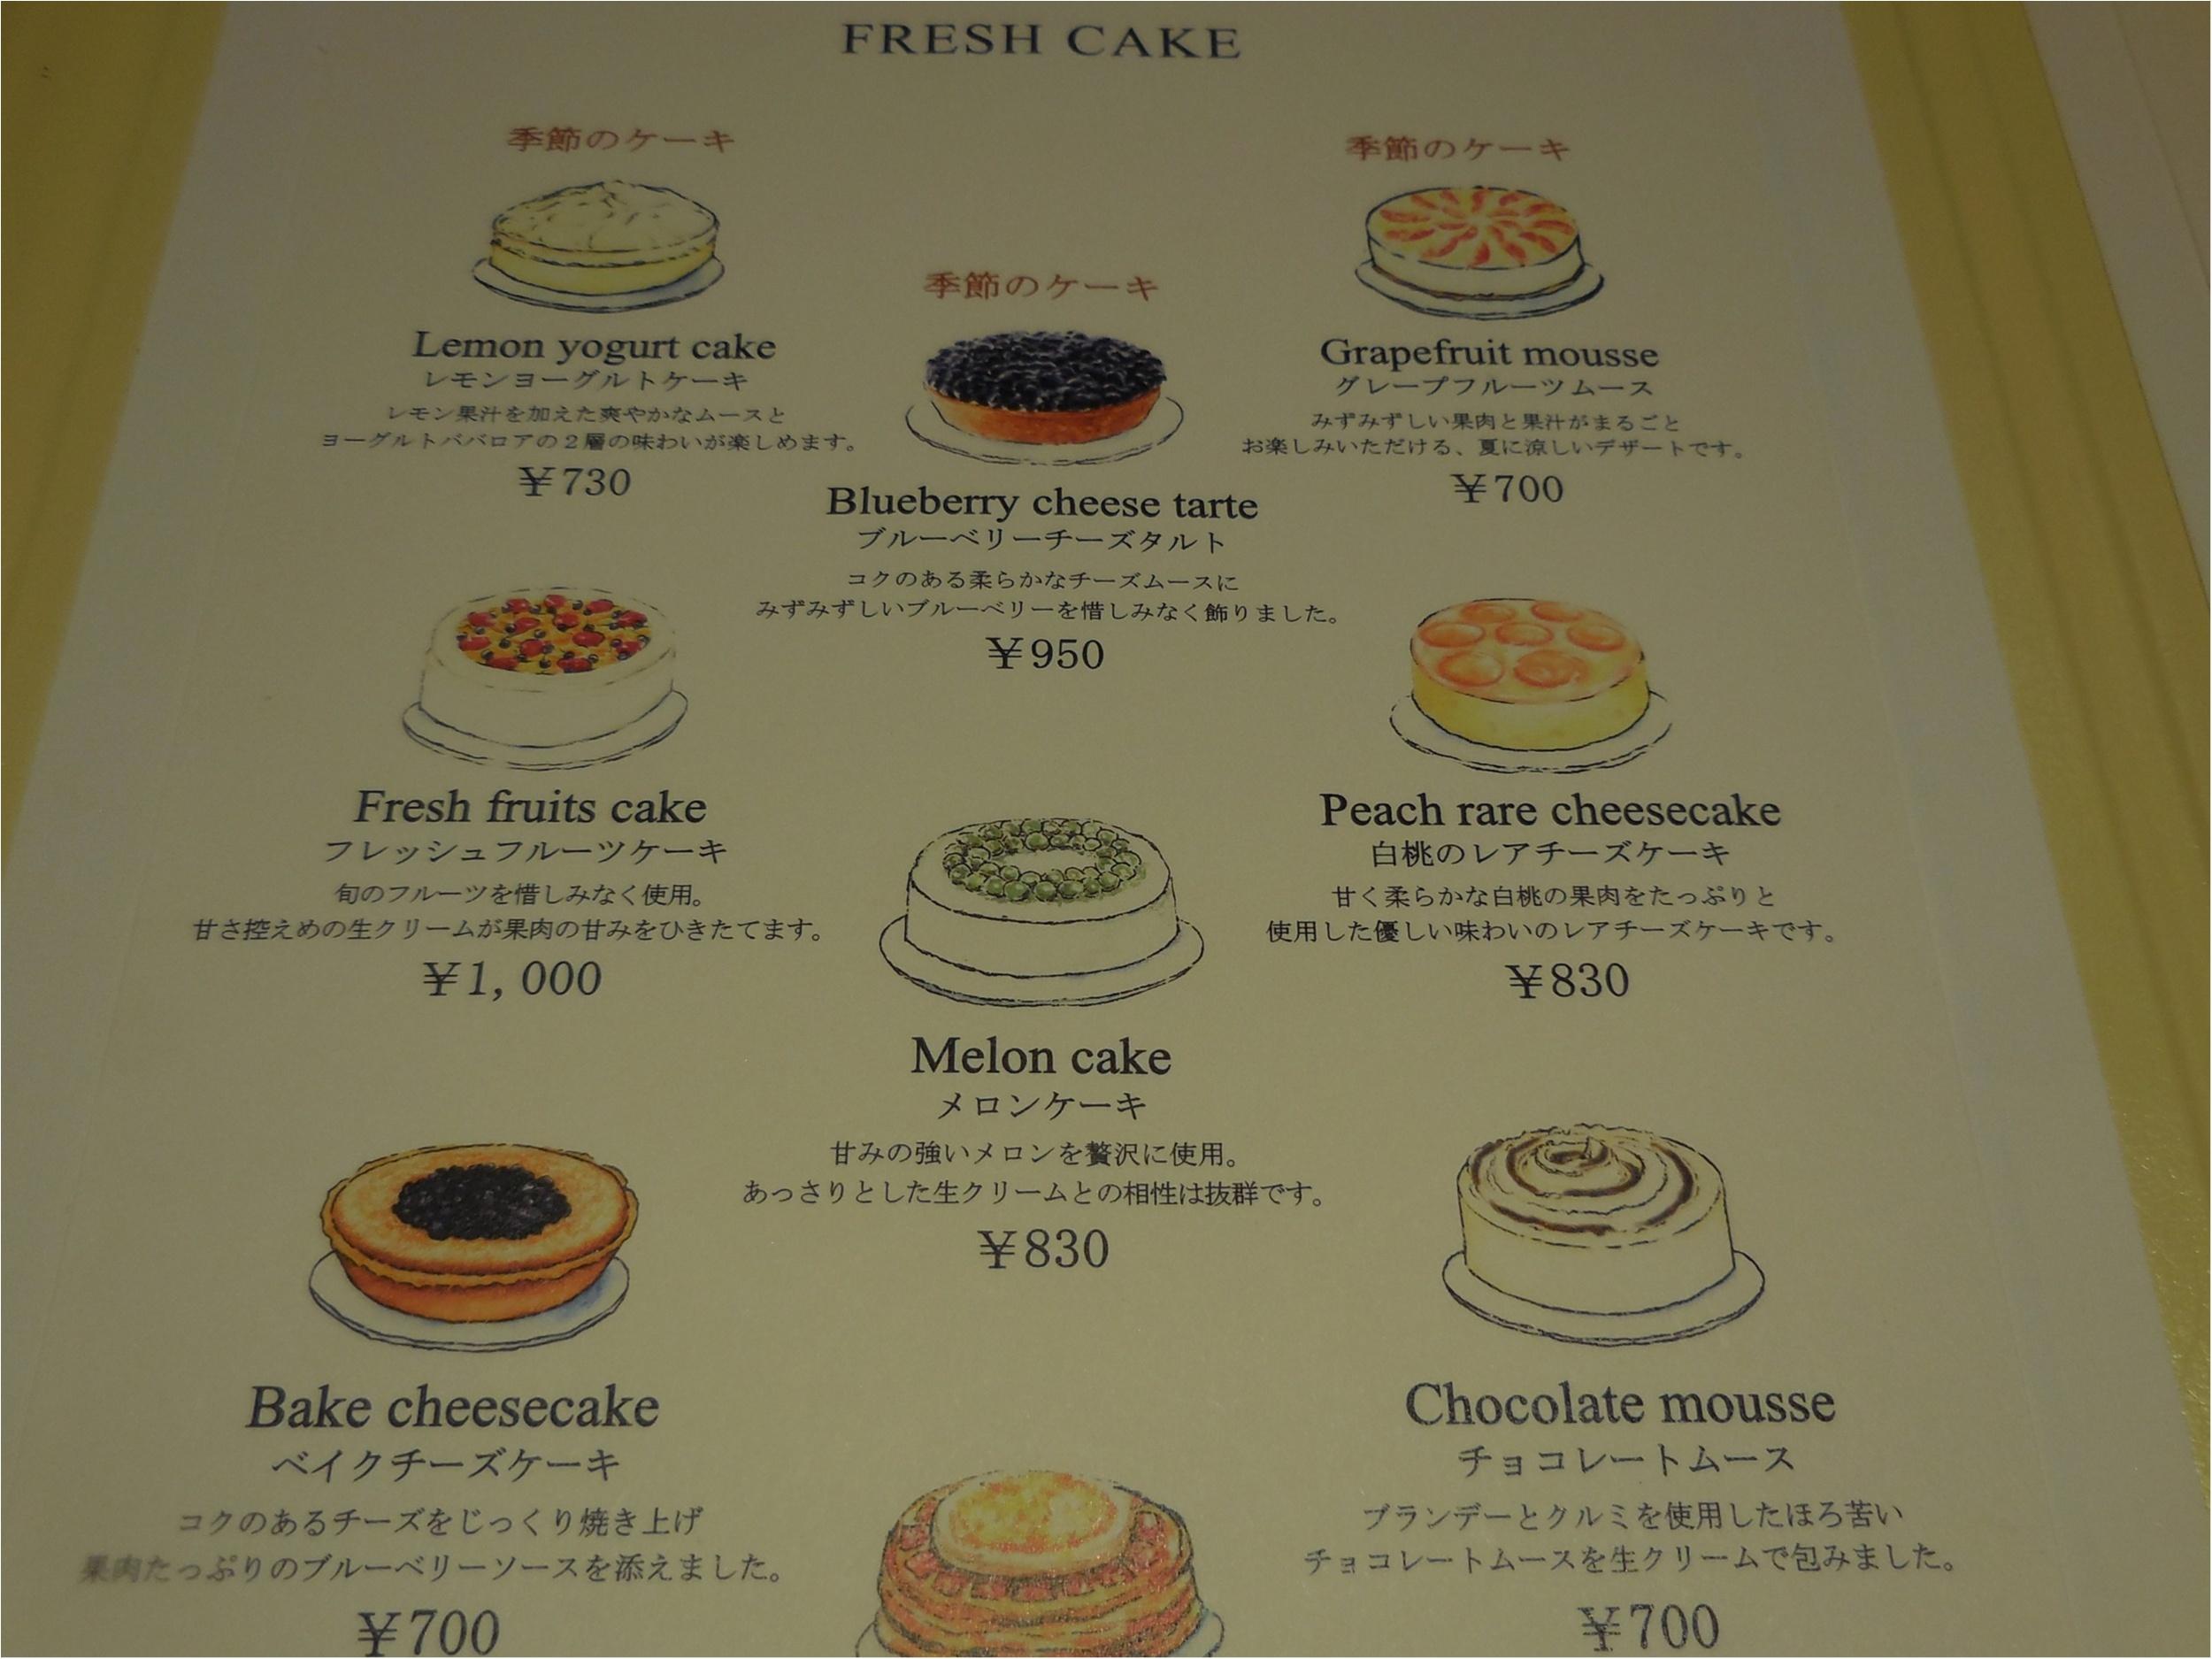 フレッシュフルーツケーキで有名な【ハーブス】はコーヒーがおかわりできる!_2